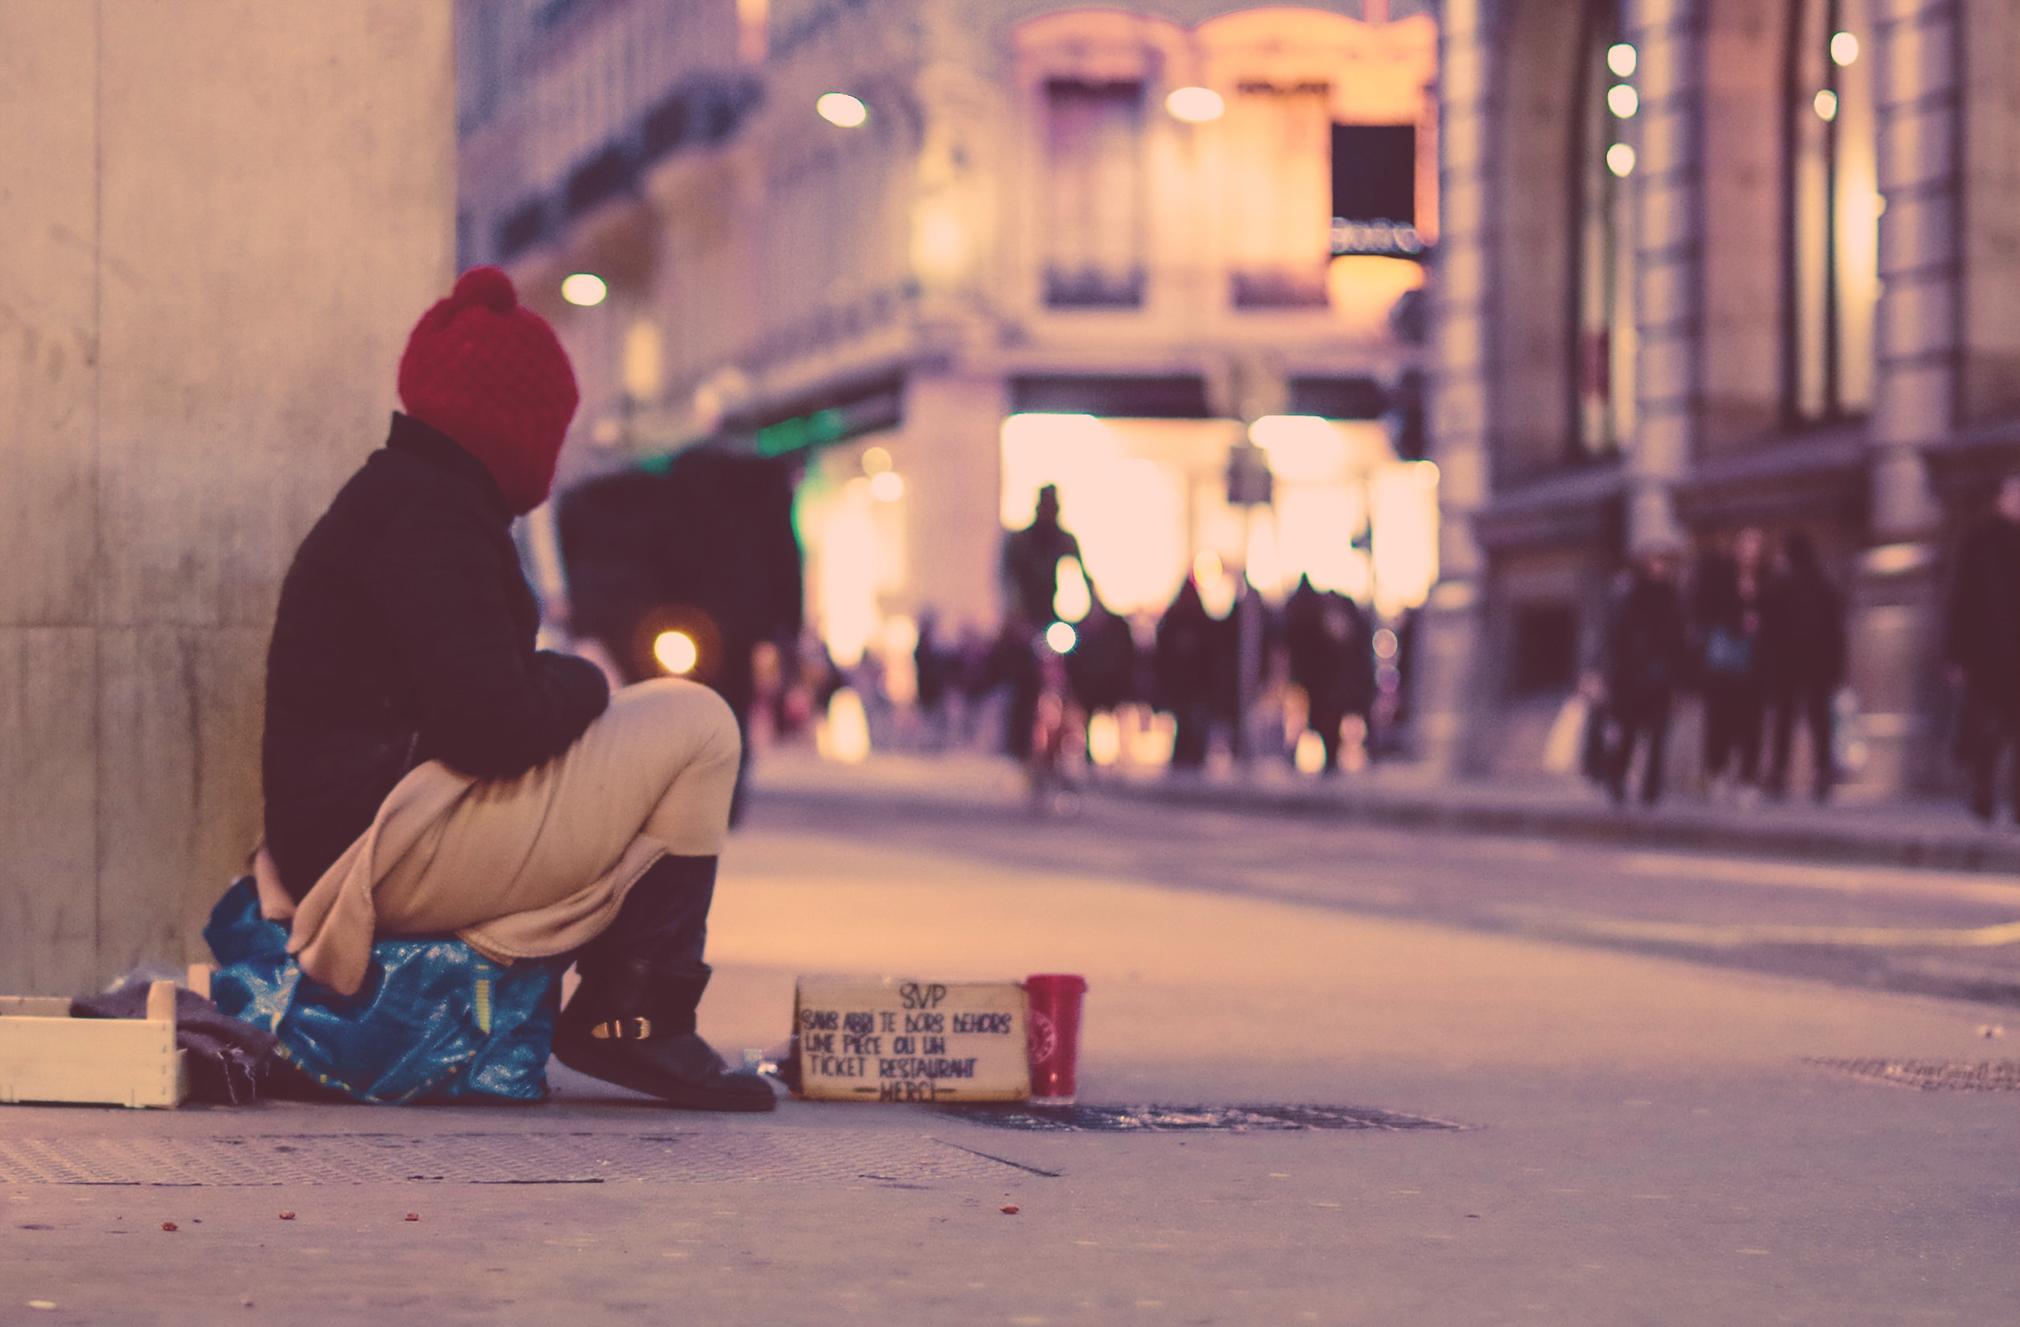 03. Lutter contre les vulnérabilités sociales dans nos villes : des liens à tisser